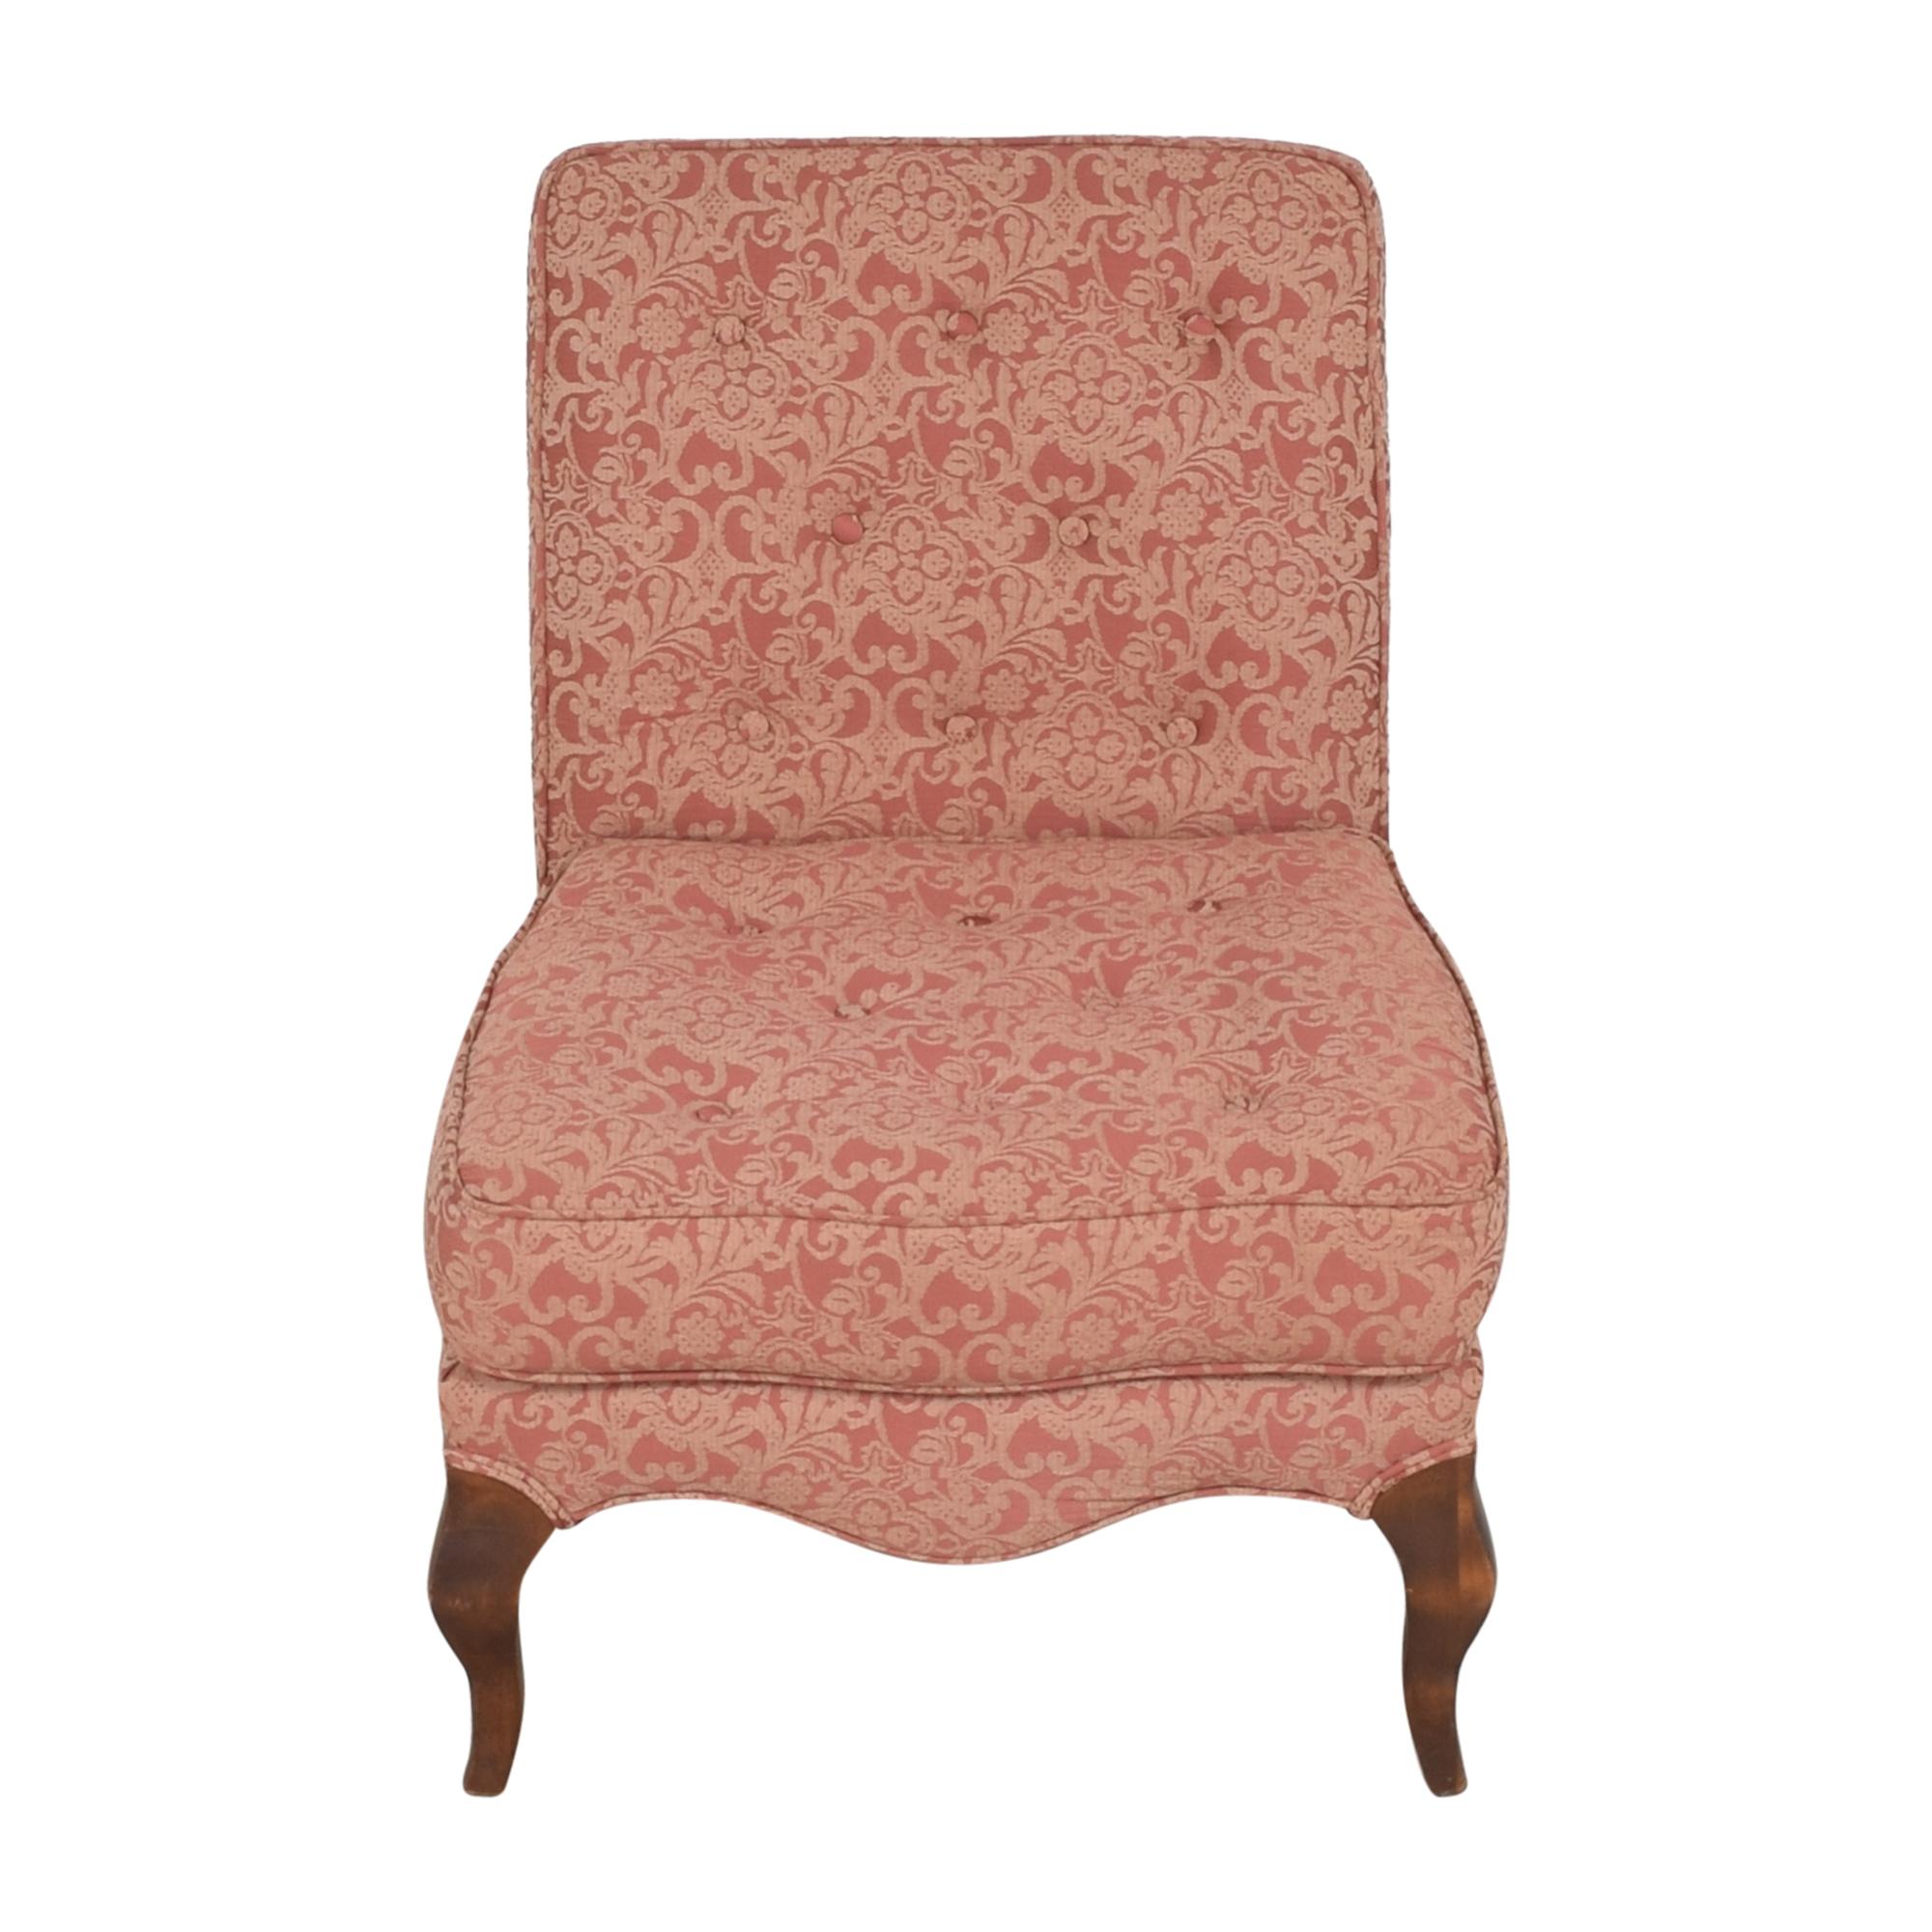 shop Bloomingdale's Bloomingdale's Slipper Chair online